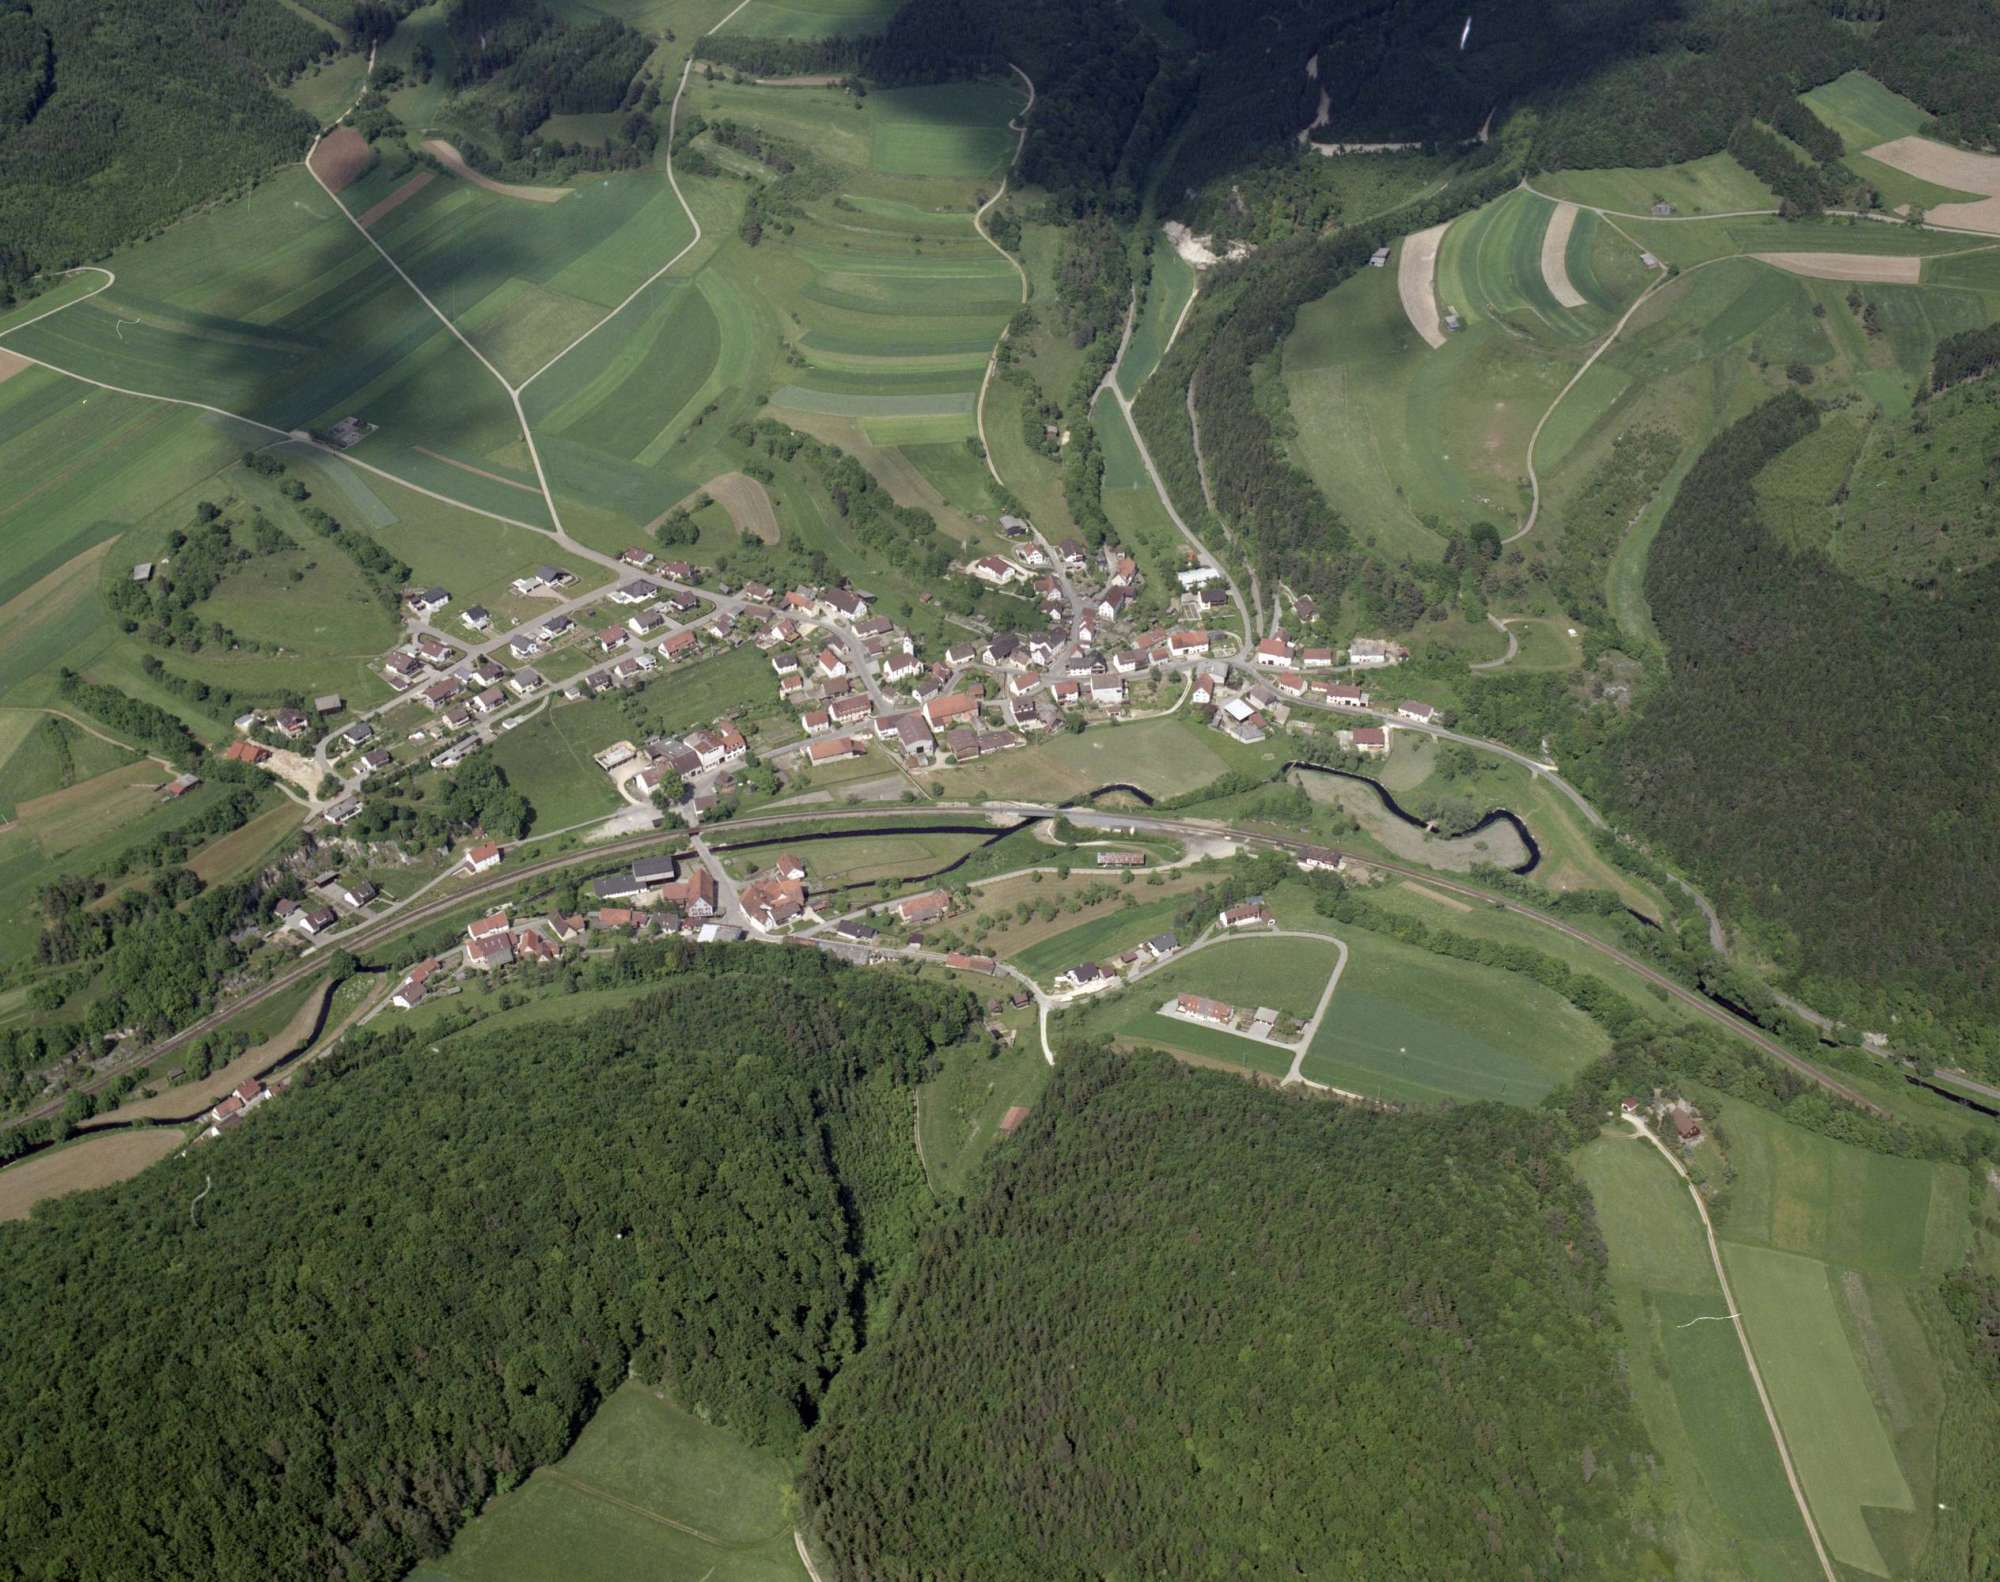 Oberschmeien, Luftbild, Bild 1